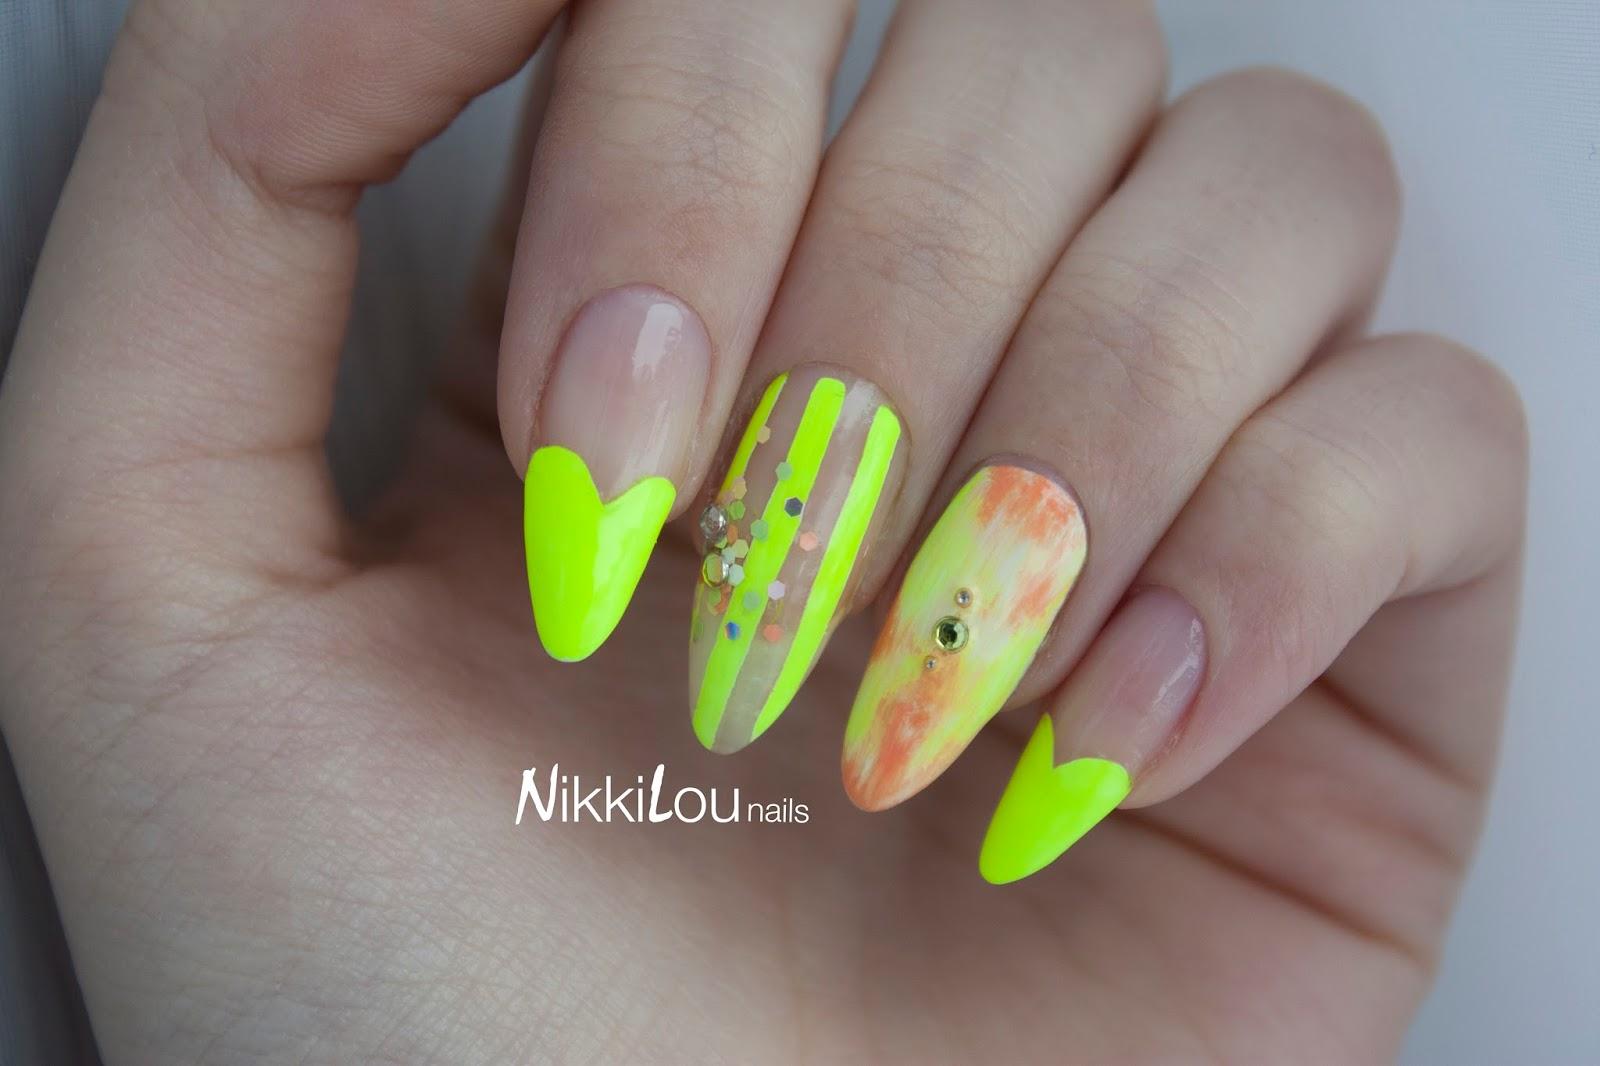 NikkiLou Nails